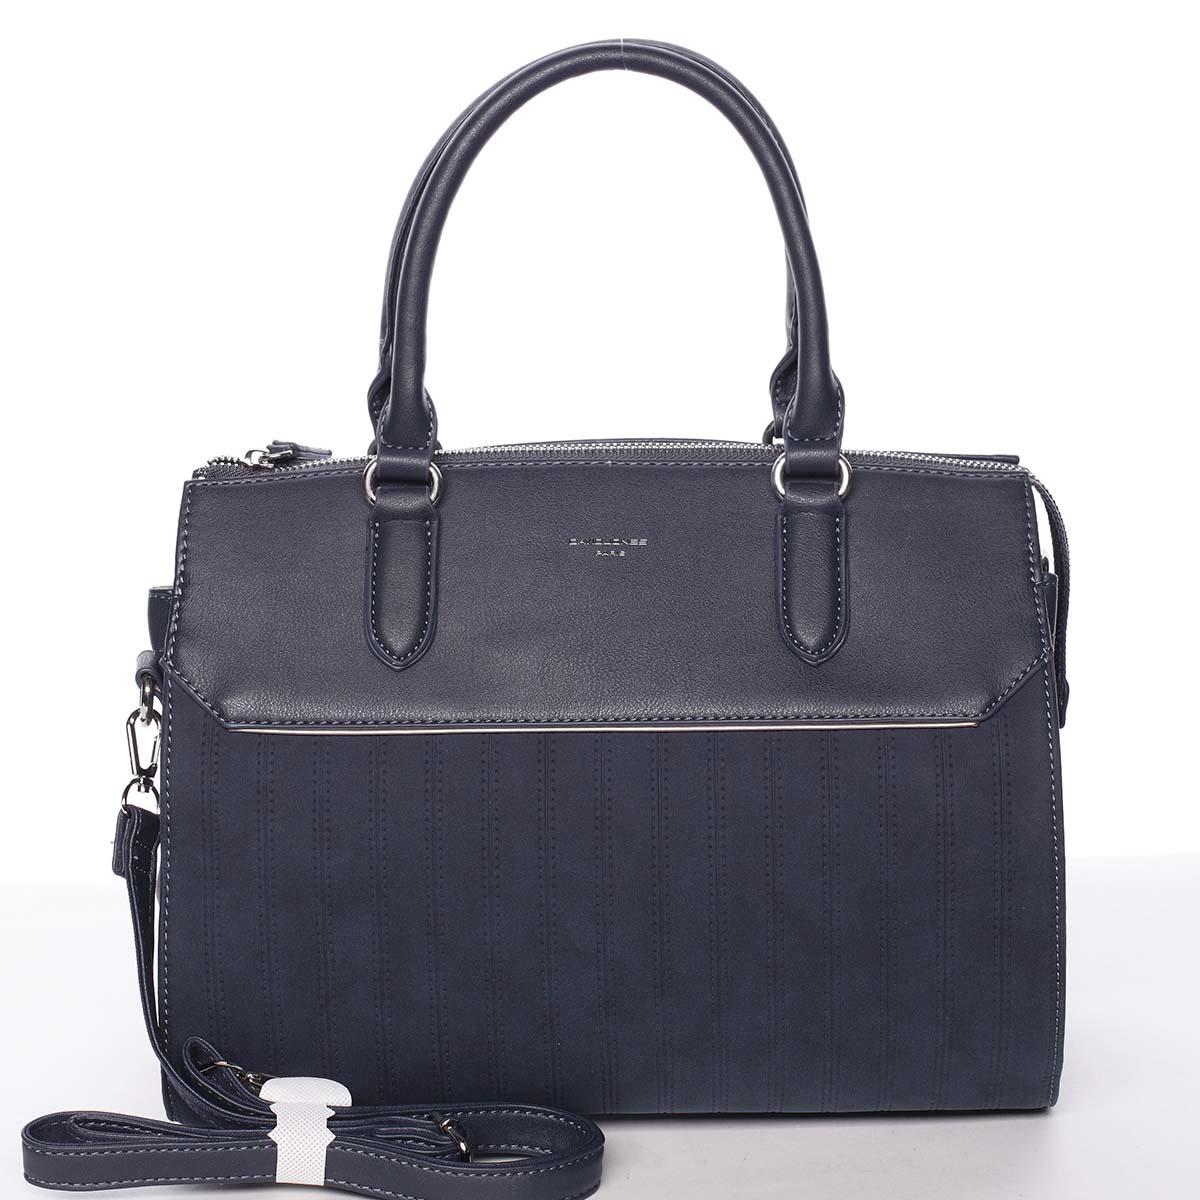 Luxusní nadčasová dámská tmavě modrá kabelka - David Jones Allison